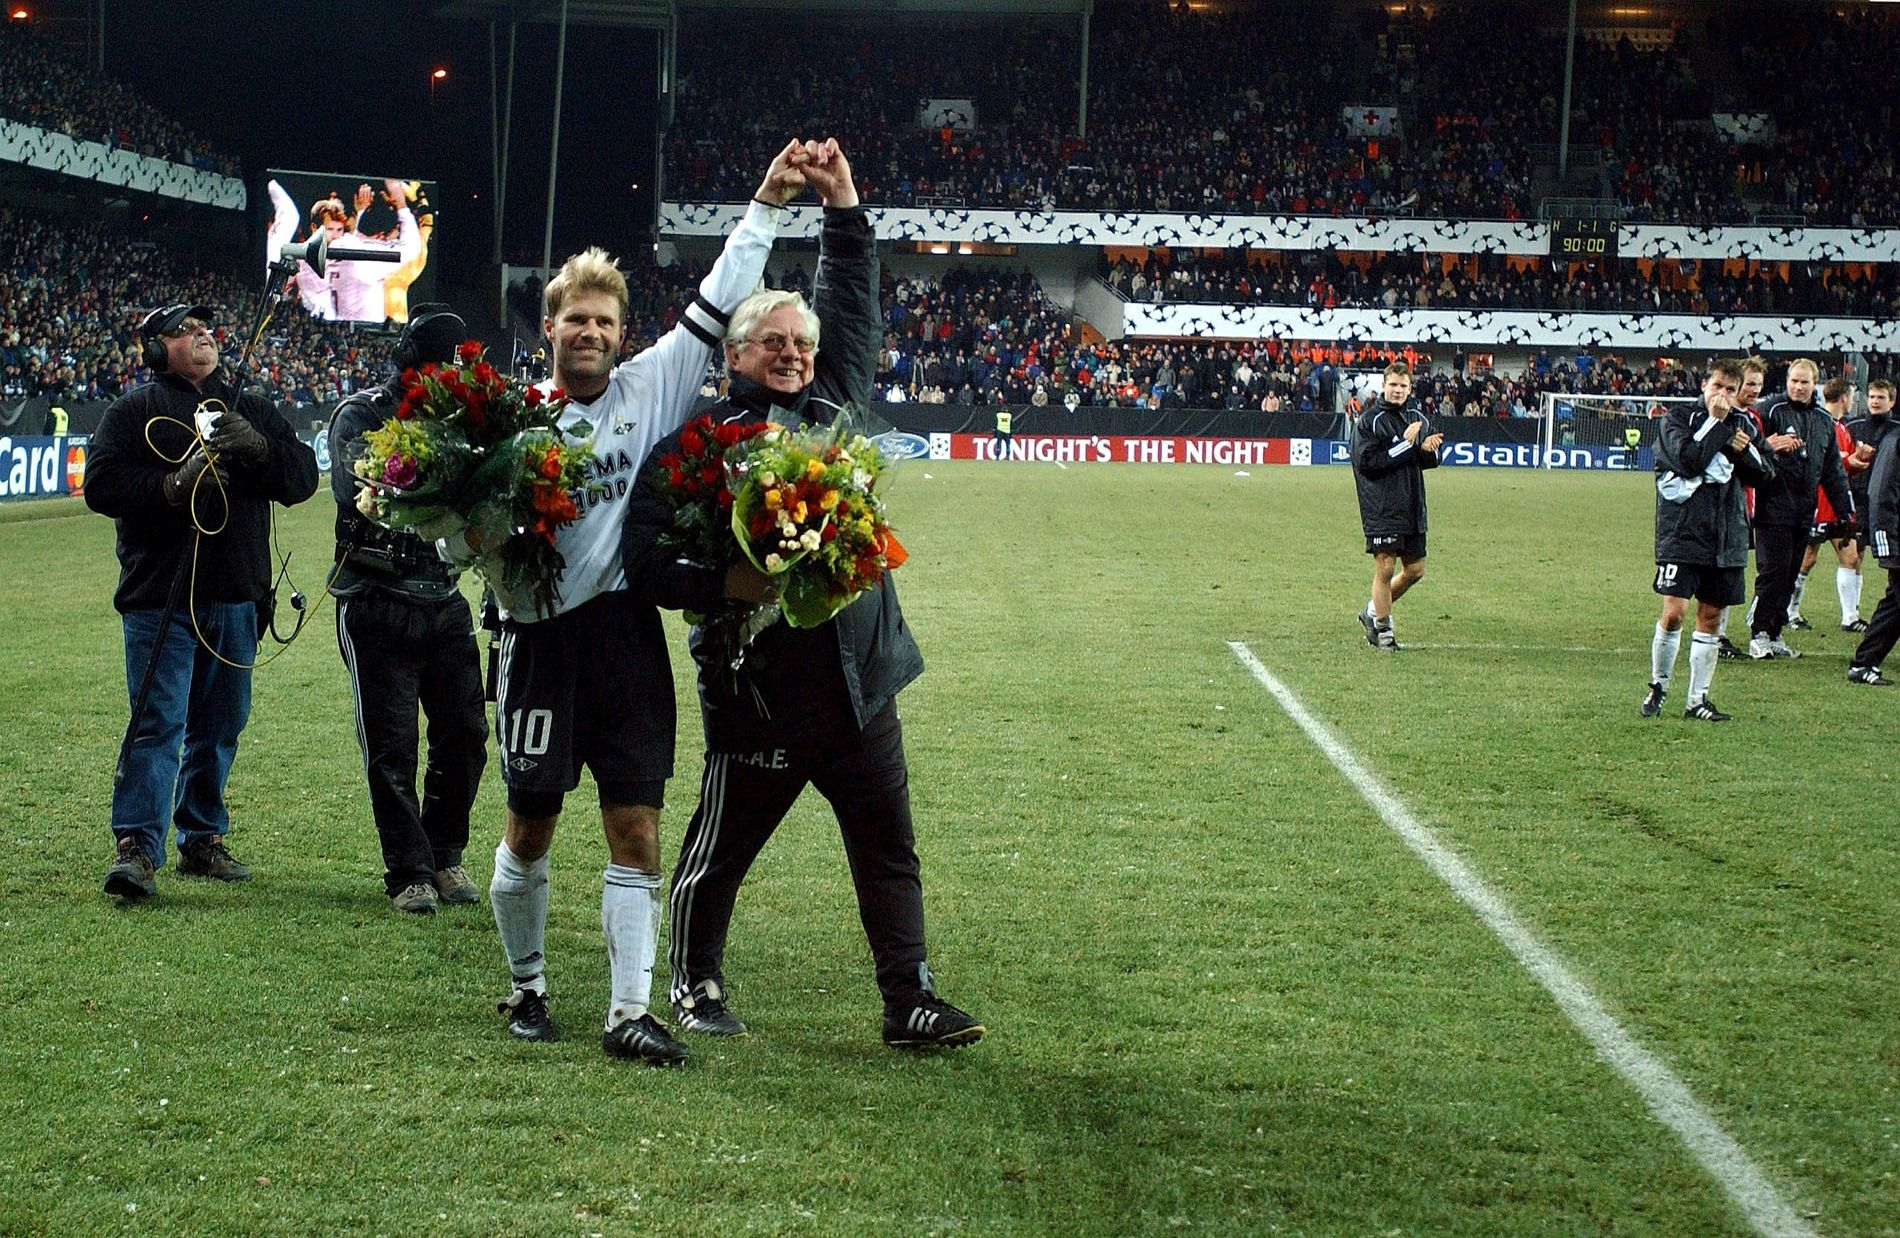 STØTTER RBK: Både tidligere kaptein Bent Skammelsrud og tidligere trener Nils Arne Eggen mener Nicklas Bendtner må få spille for RBK tross tiltale for vold. Her etter deres begges siste kamp i klubben i 2002. Eggen kom tilbake som trener i 2010.